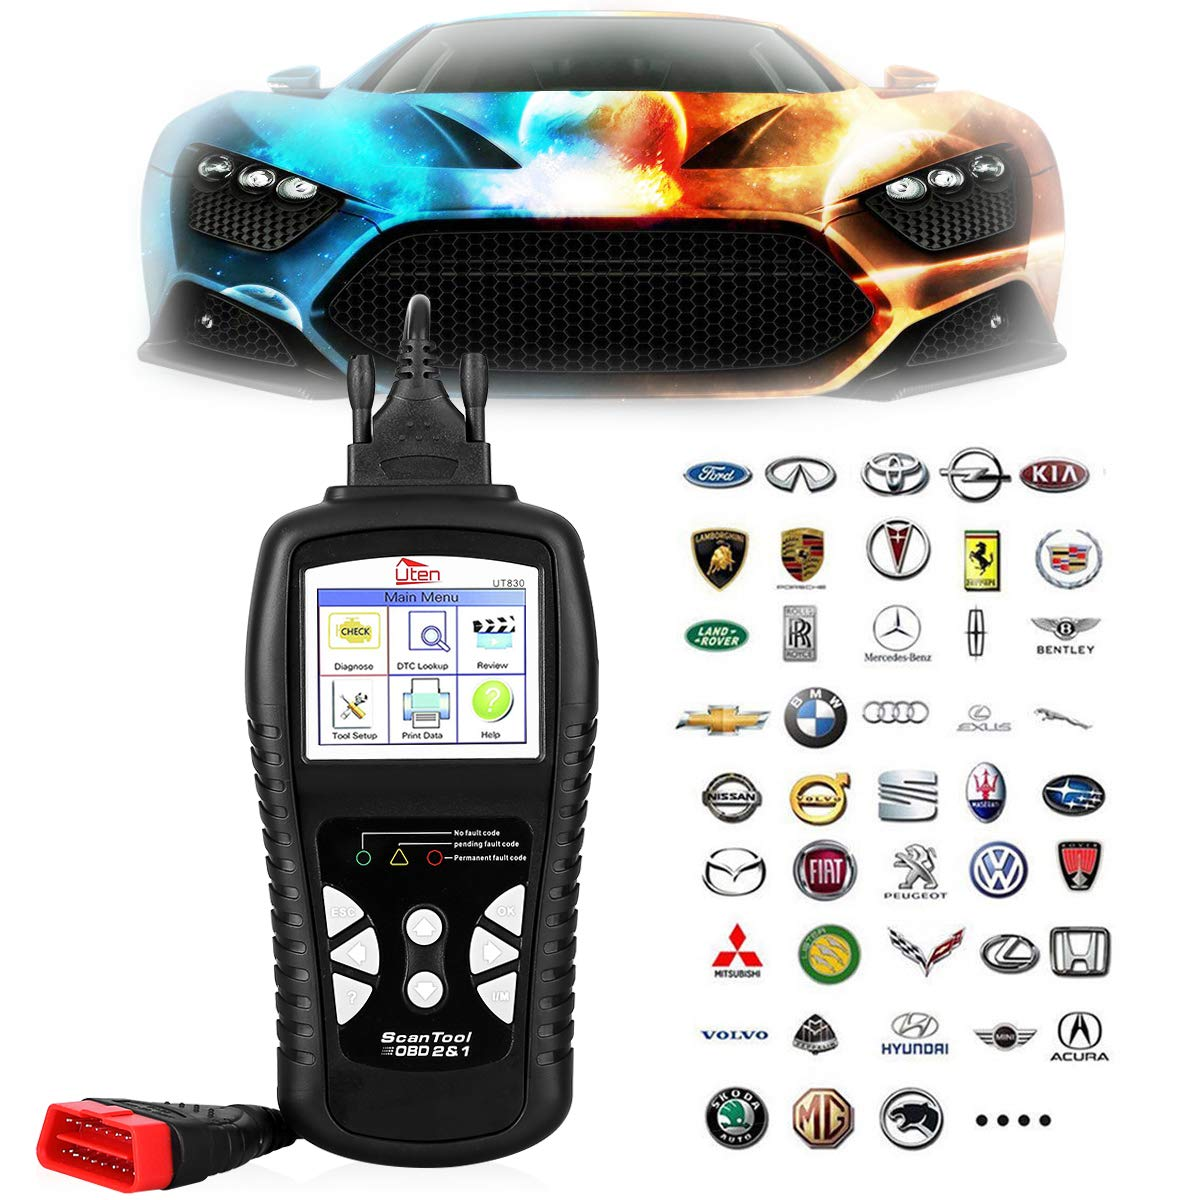 OBD2 OBDII EOBD Automotive Scanner, Diagnostic Code Reader for Vehicle Engine Fault O2 Sensor System Scan Tool Since 1996 - Black (KW830)